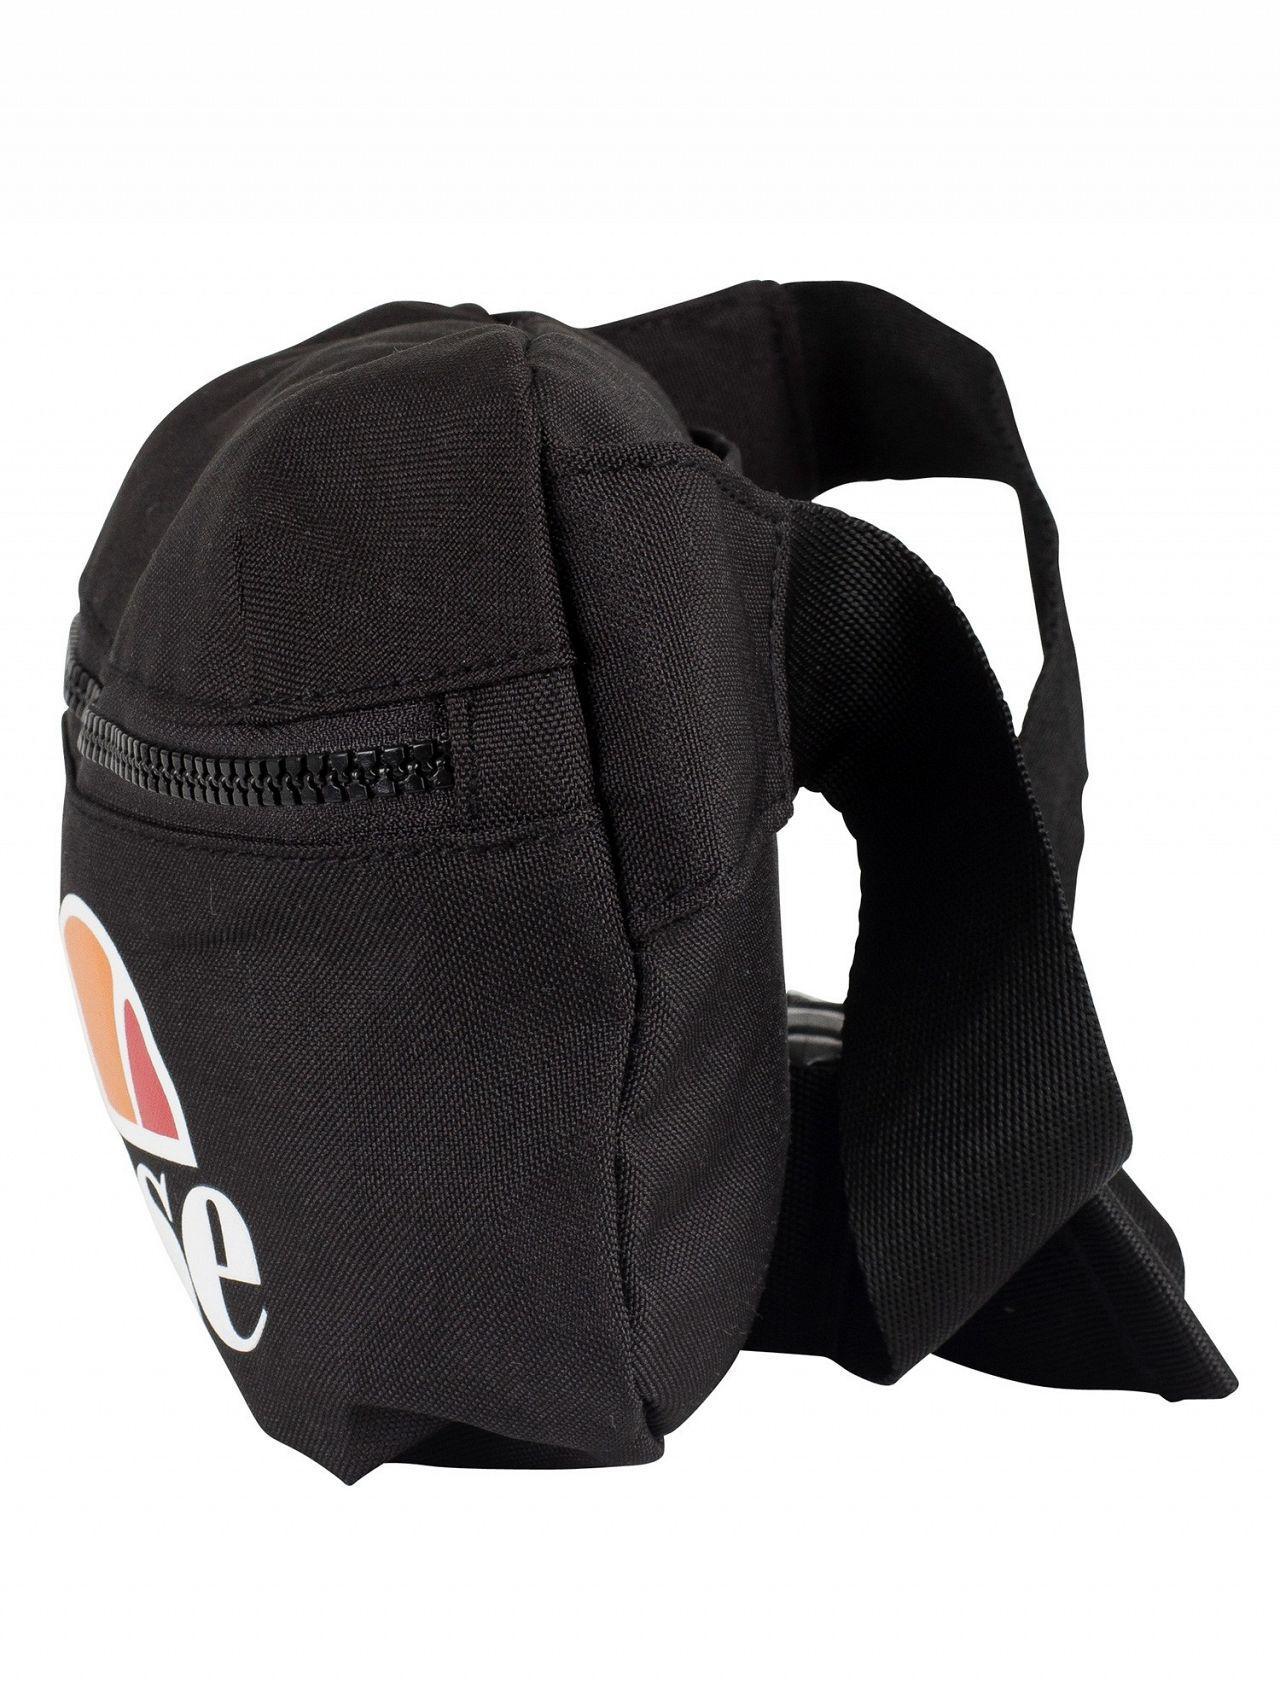 c327226529c1 Lyst - Ellesse Black Rosca Cross Body Bag in Black for Men